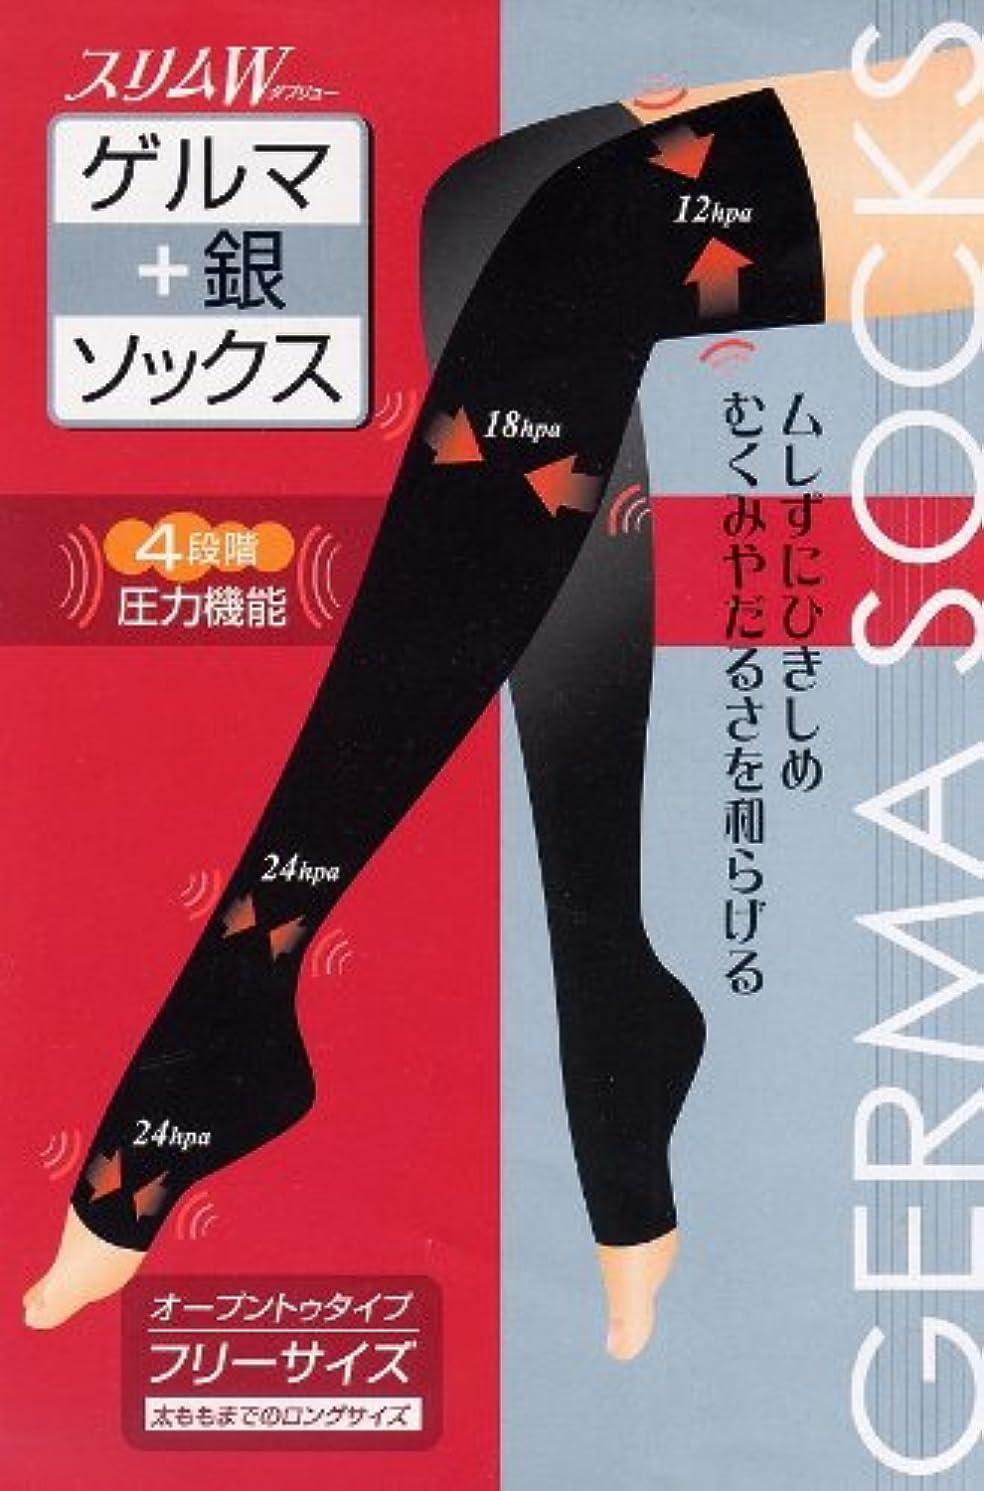 学習ボート乱雑なスラットスリムダブリュー ゲルマ+銀ソックス (フリーサイズロングソックス)美脚を目指す貴方に!日本製